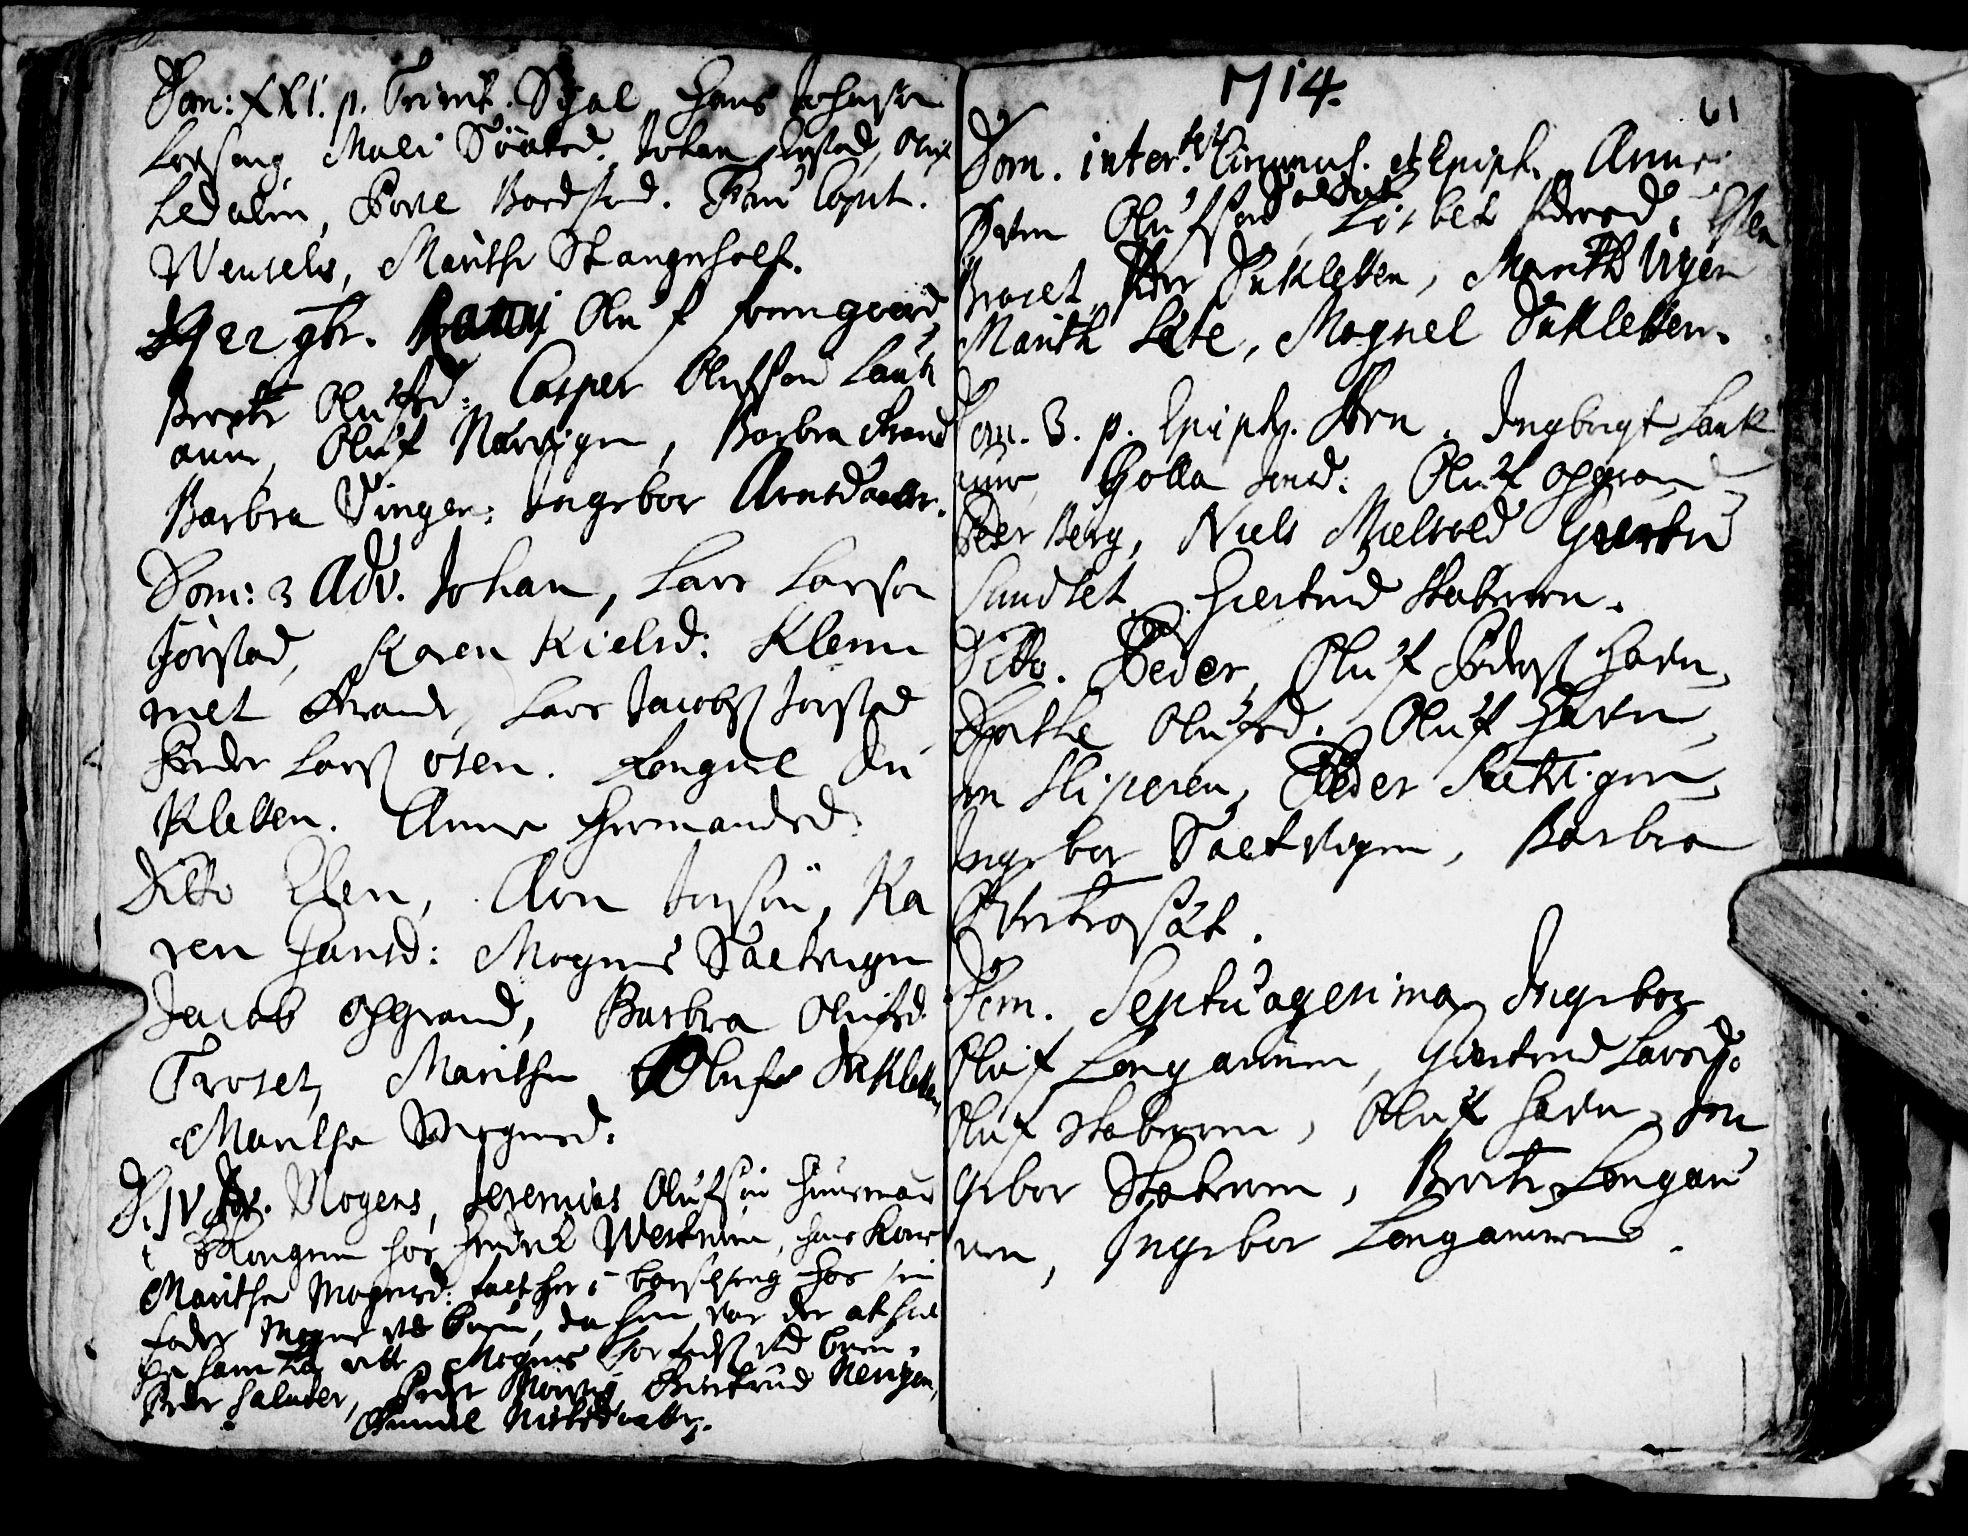 SAT, Ministerialprotokoller, klokkerbøker og fødselsregistre - Nord-Trøndelag, 722/L0214: Ministerialbok nr. 722A01, 1692-1718, s. 61